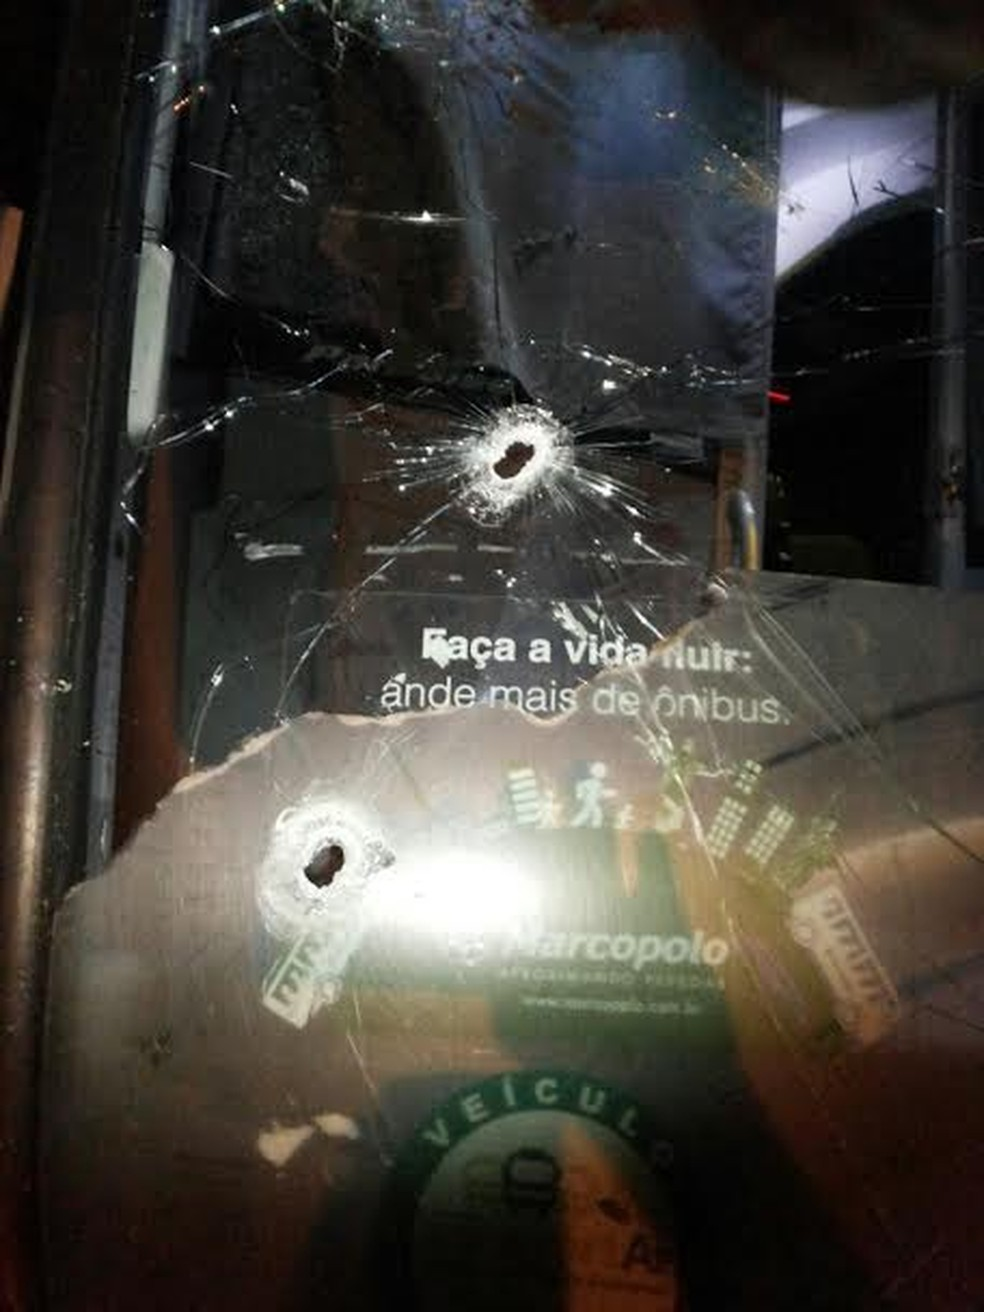 Assalto ocorreu na BR-428, considerada pela polícia como uma das mais perigosas na região.  (Foto: Divulgação / Polícia Civil)